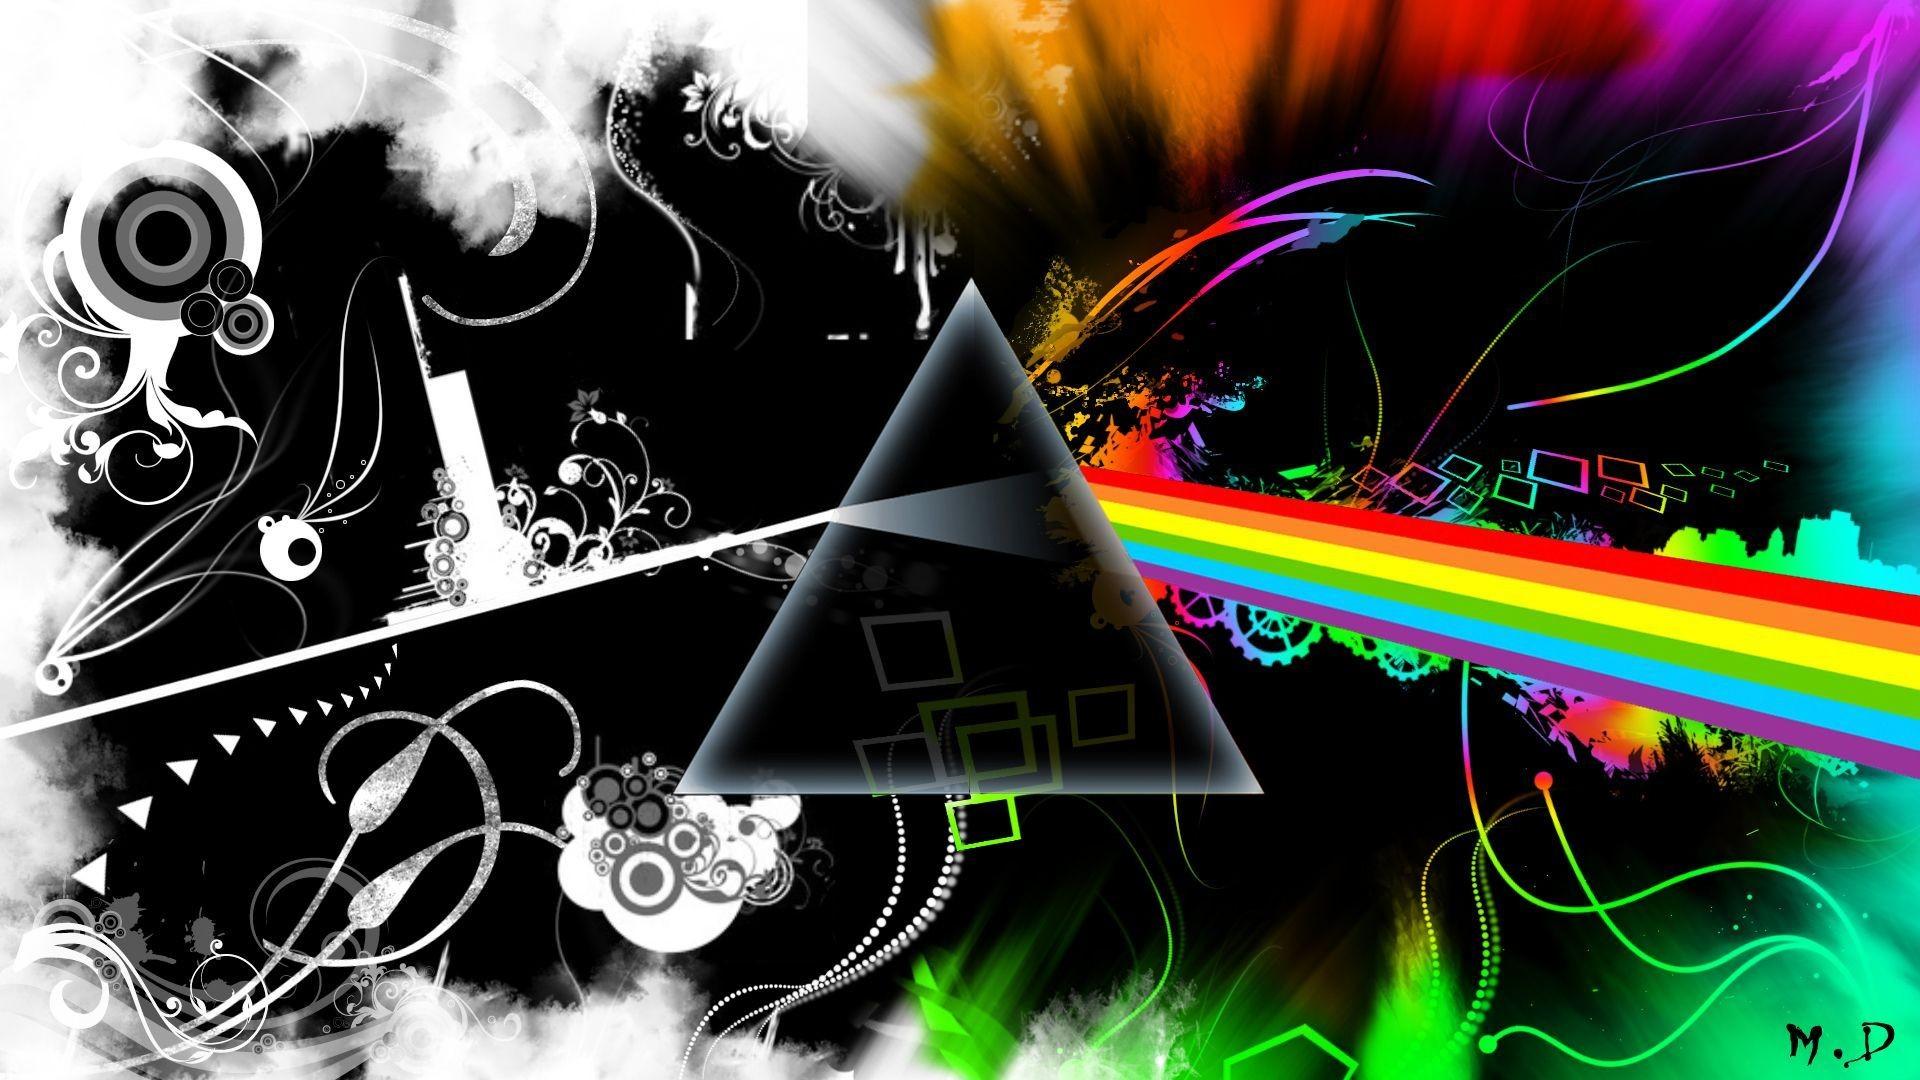 Pink Floyd Dark Side Of The Moon Wallpaper HD